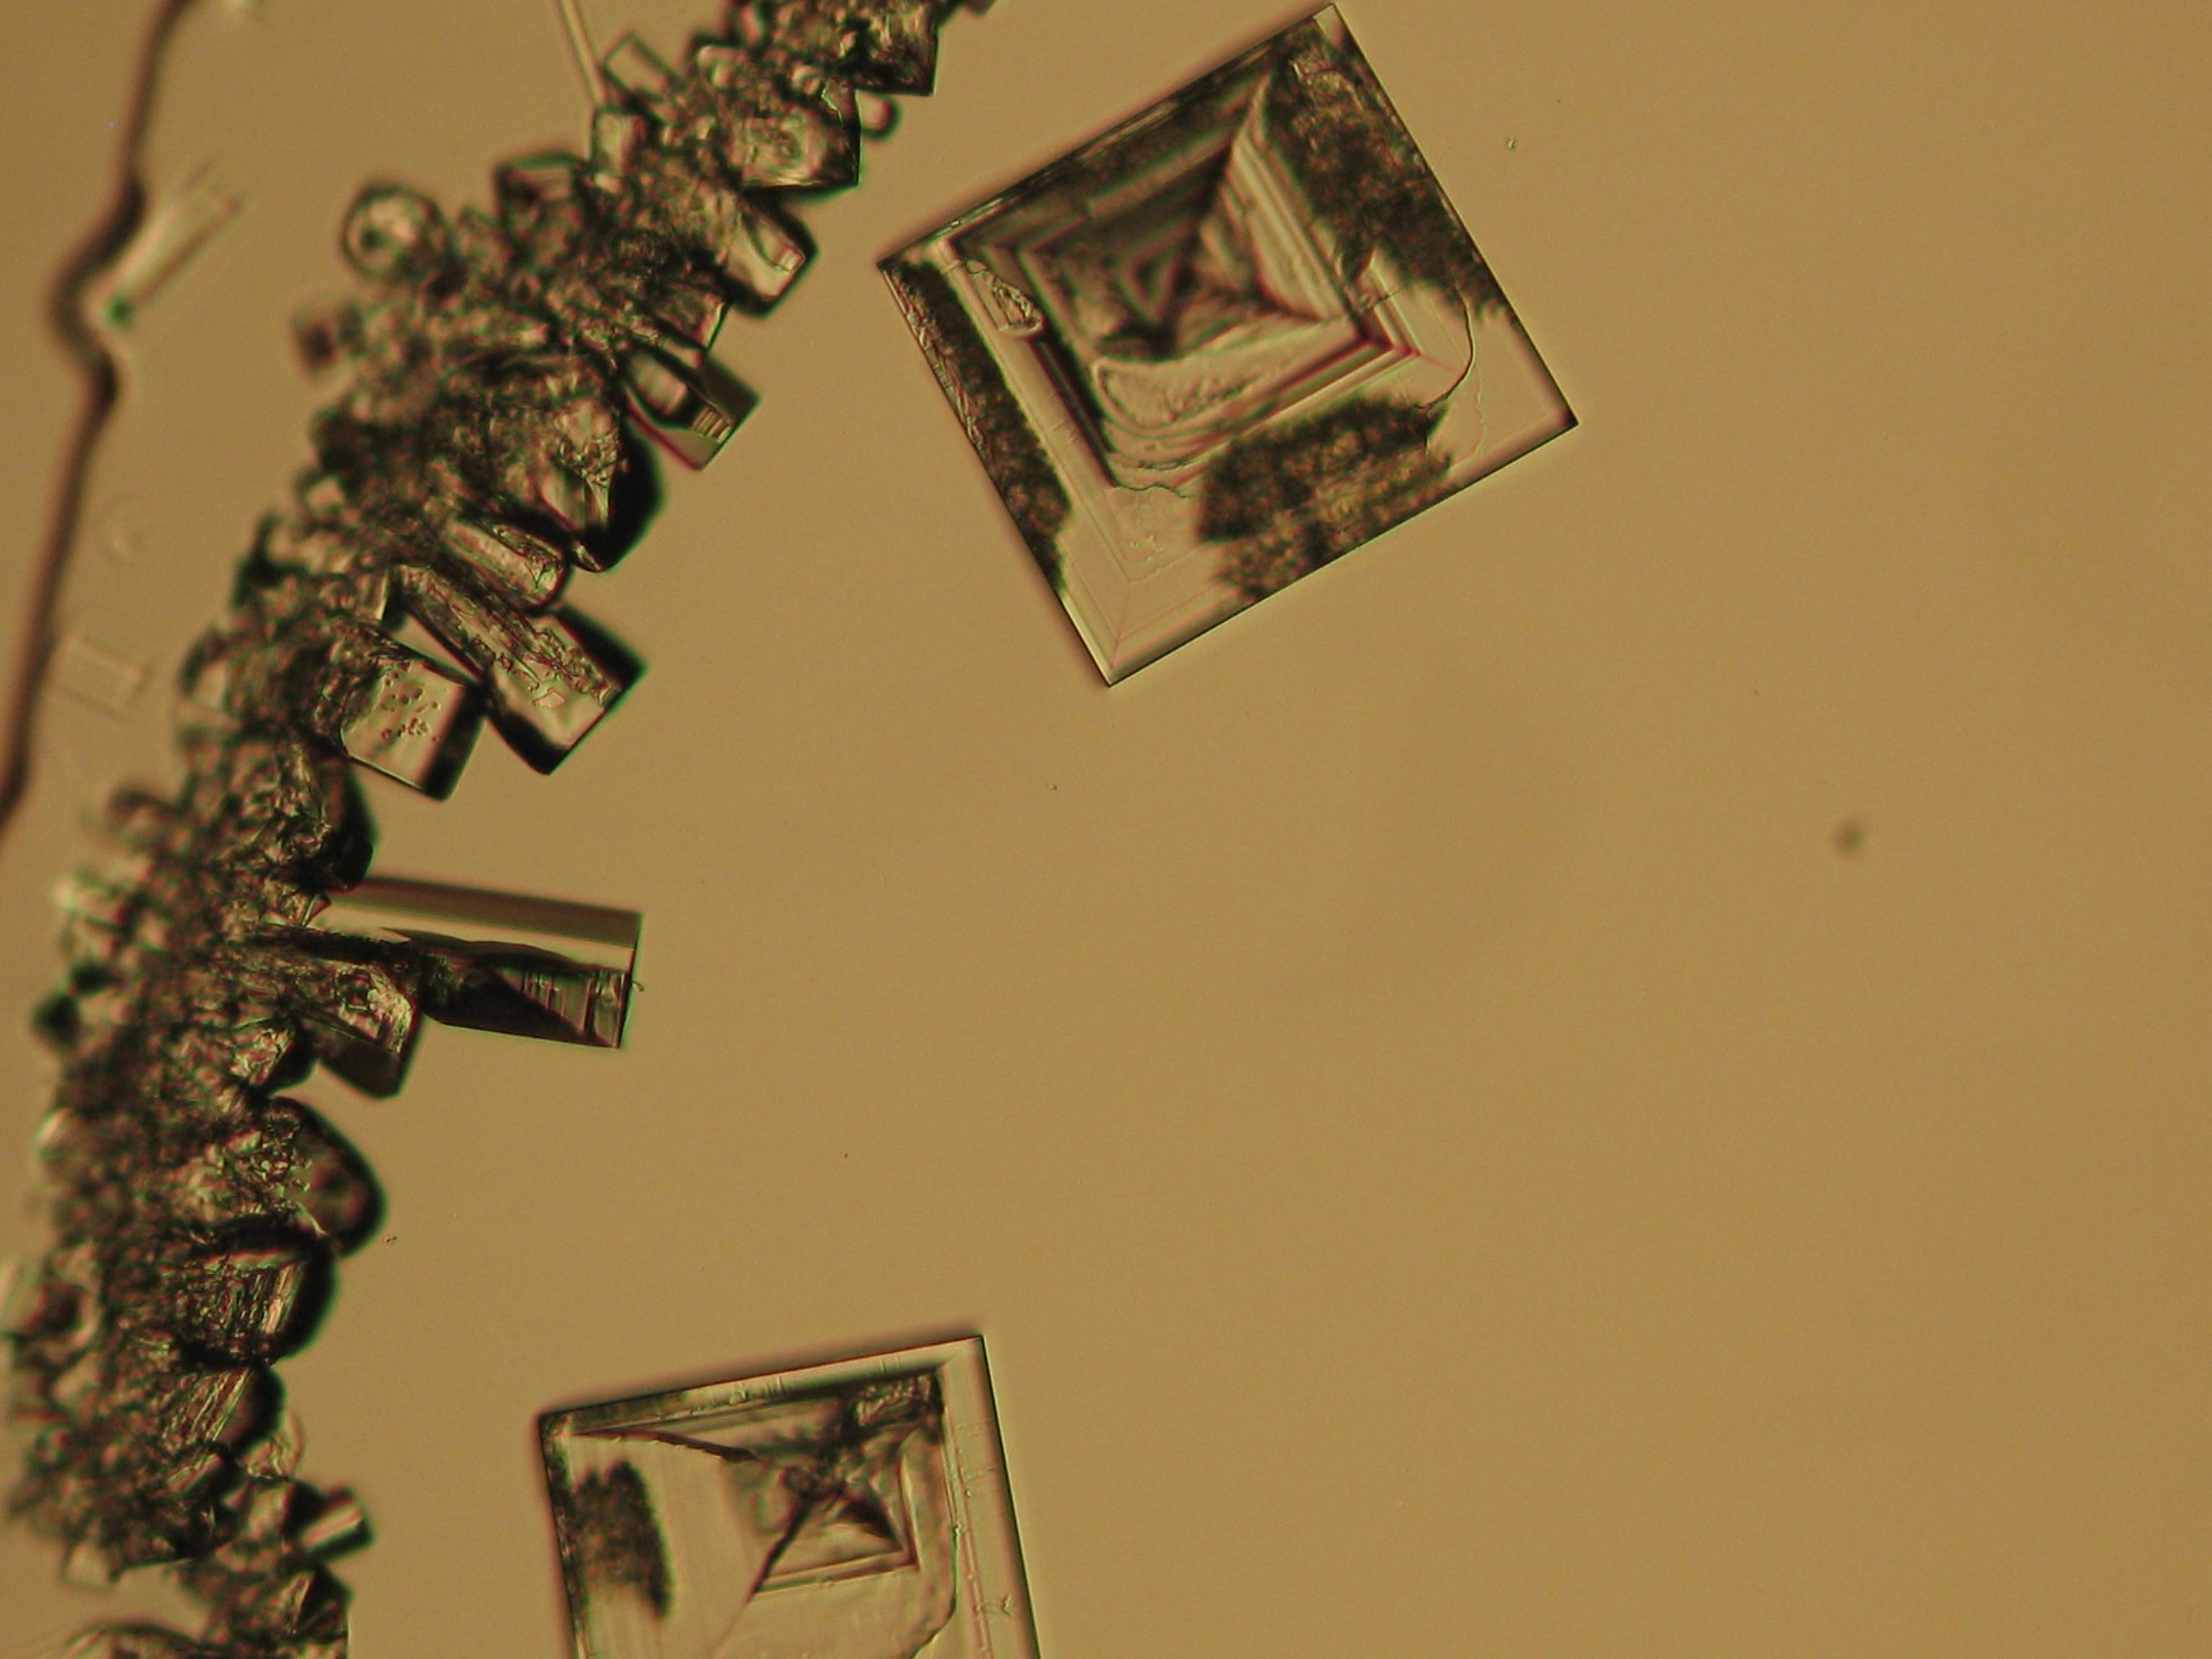 NaCl 27.4.2006-10x.JPG